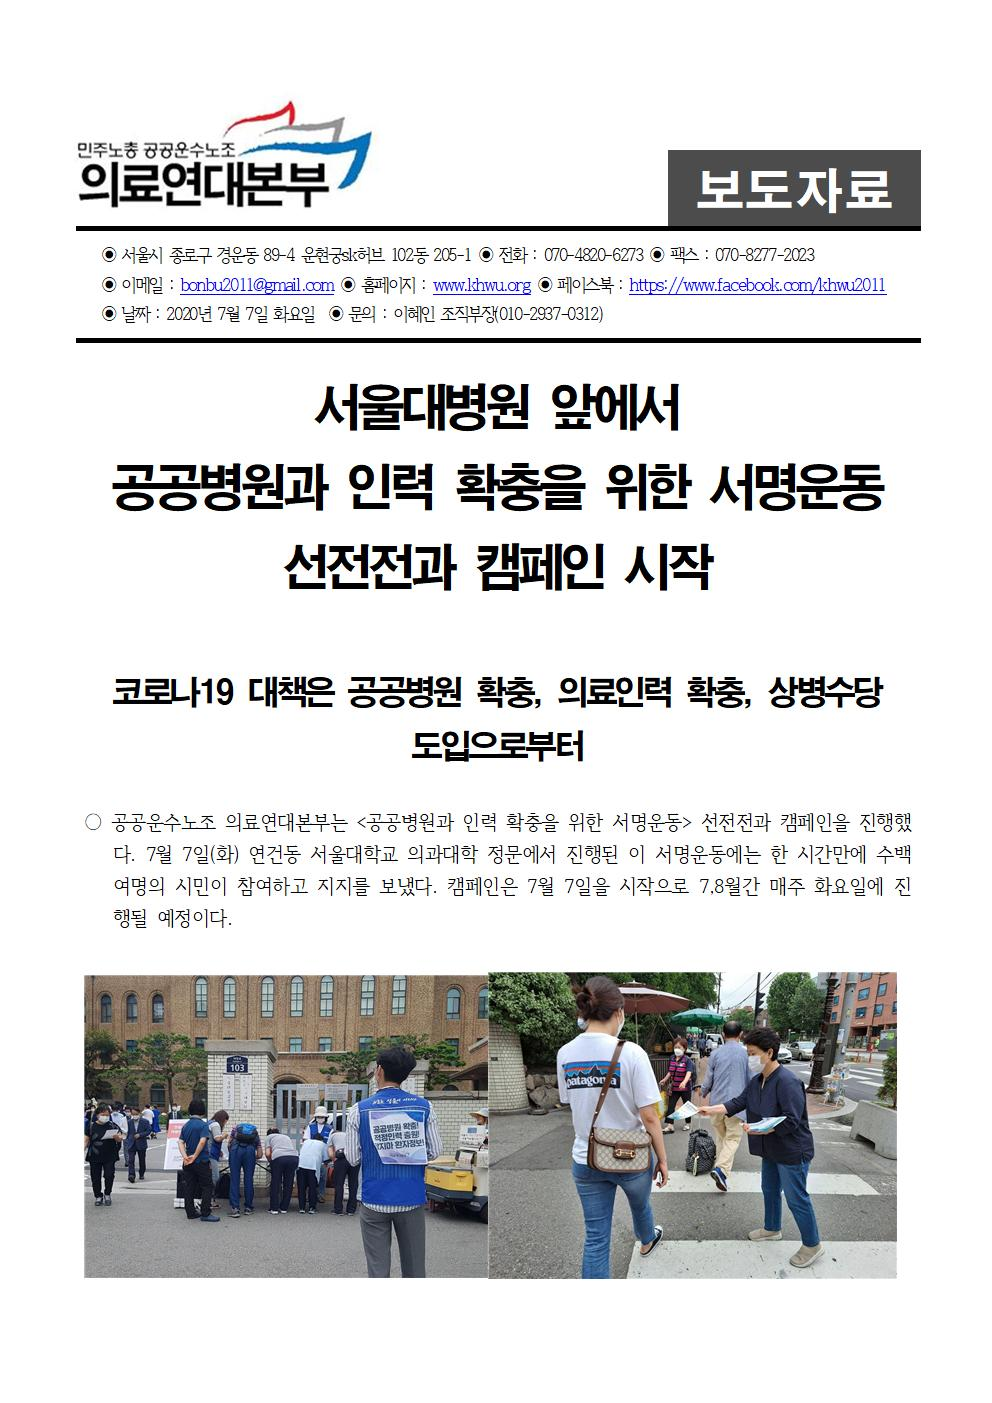 20200707보도자료_서울대병원 앞에서 공공병원과 인력 확충을 위한 서명운동 선전전과 캠페인 시작001.jpg